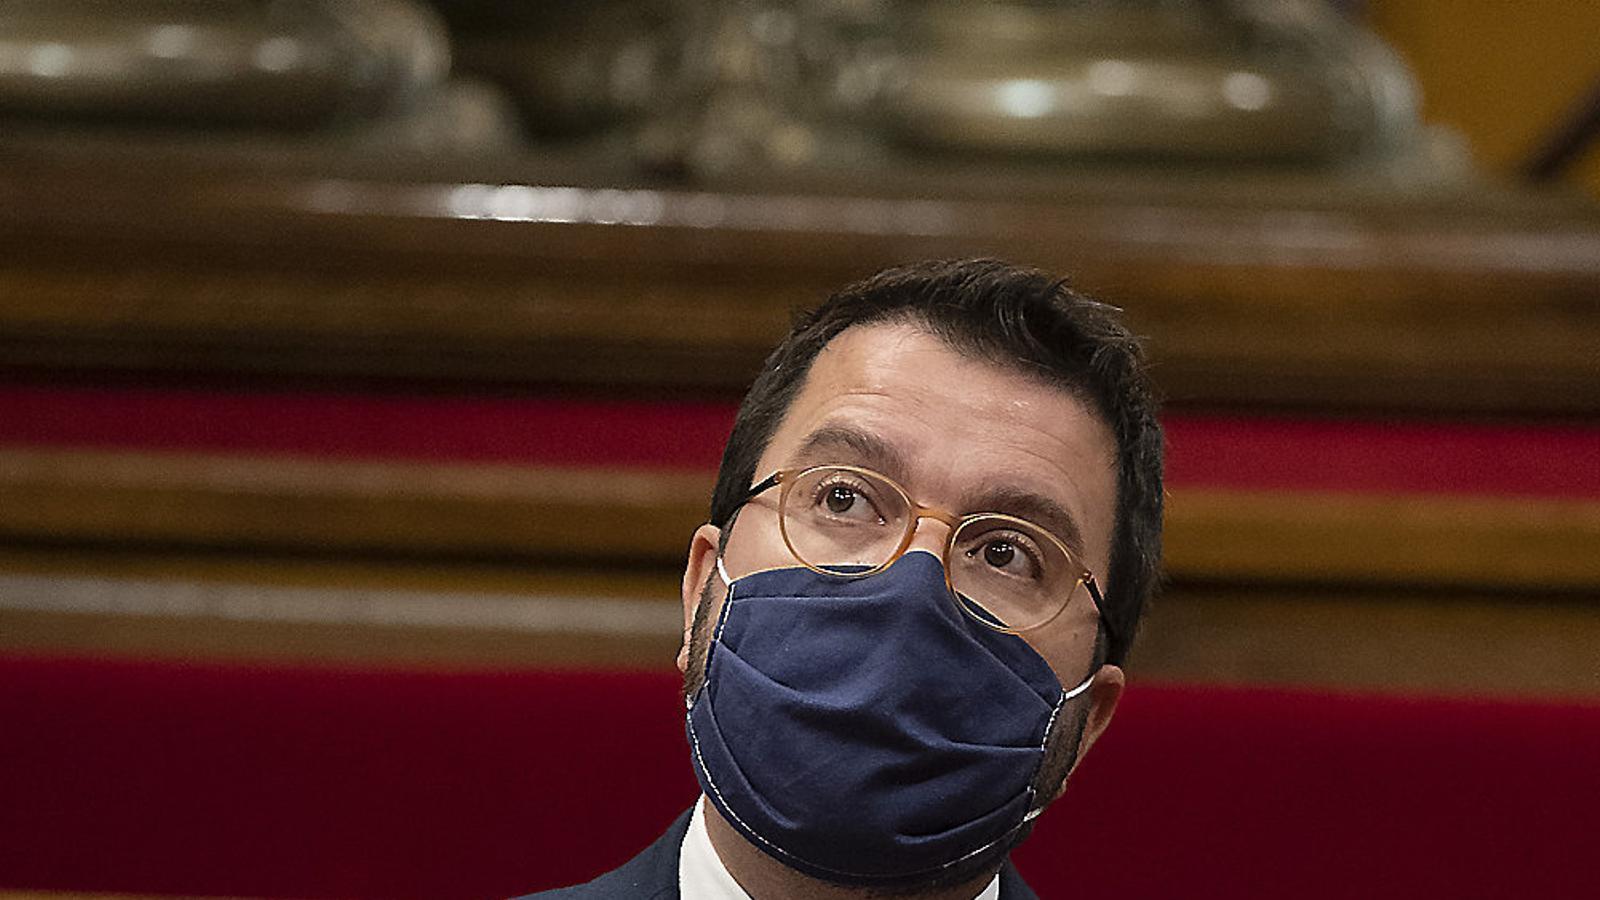 El president substitut, Pere Aragonès, participa per primer cop en aquest tipus de reunions.